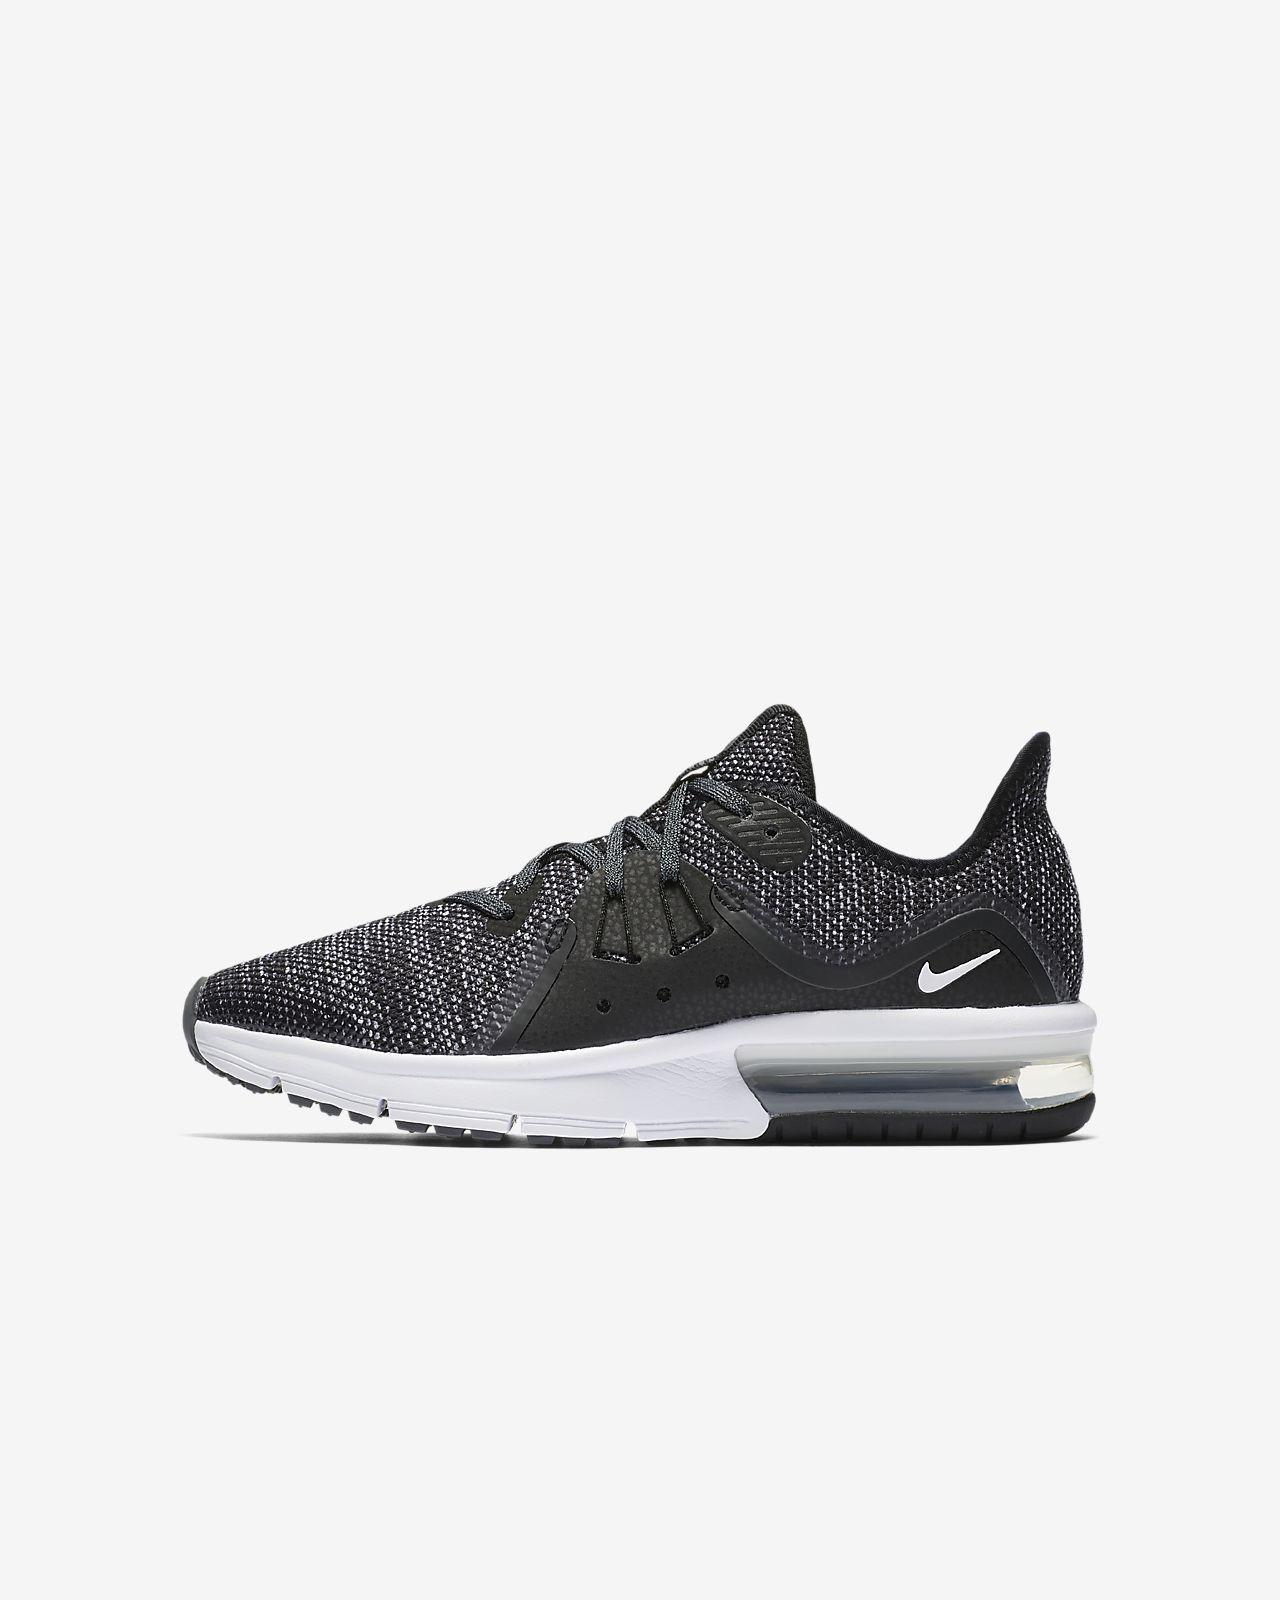 watch f1b6d c84d2 ... Nike Air Max Sequent 3 sko til store barn